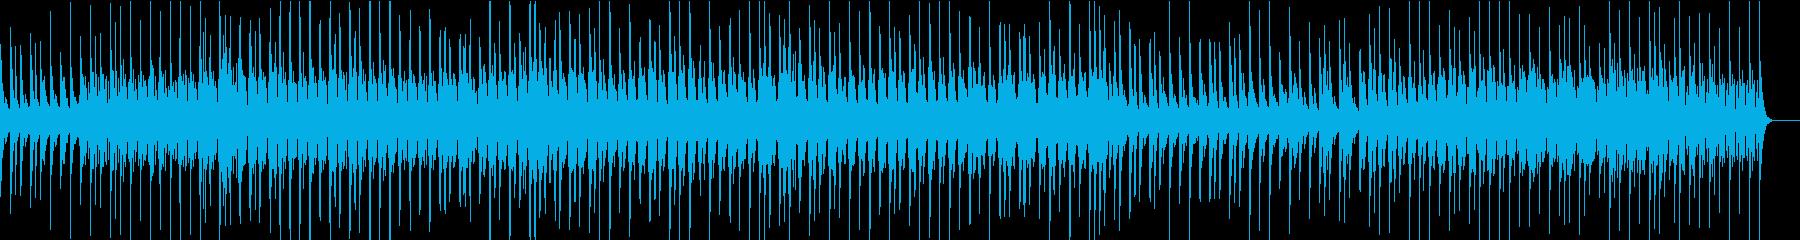 ラテン風リズムの軽やかなジャズの再生済みの波形